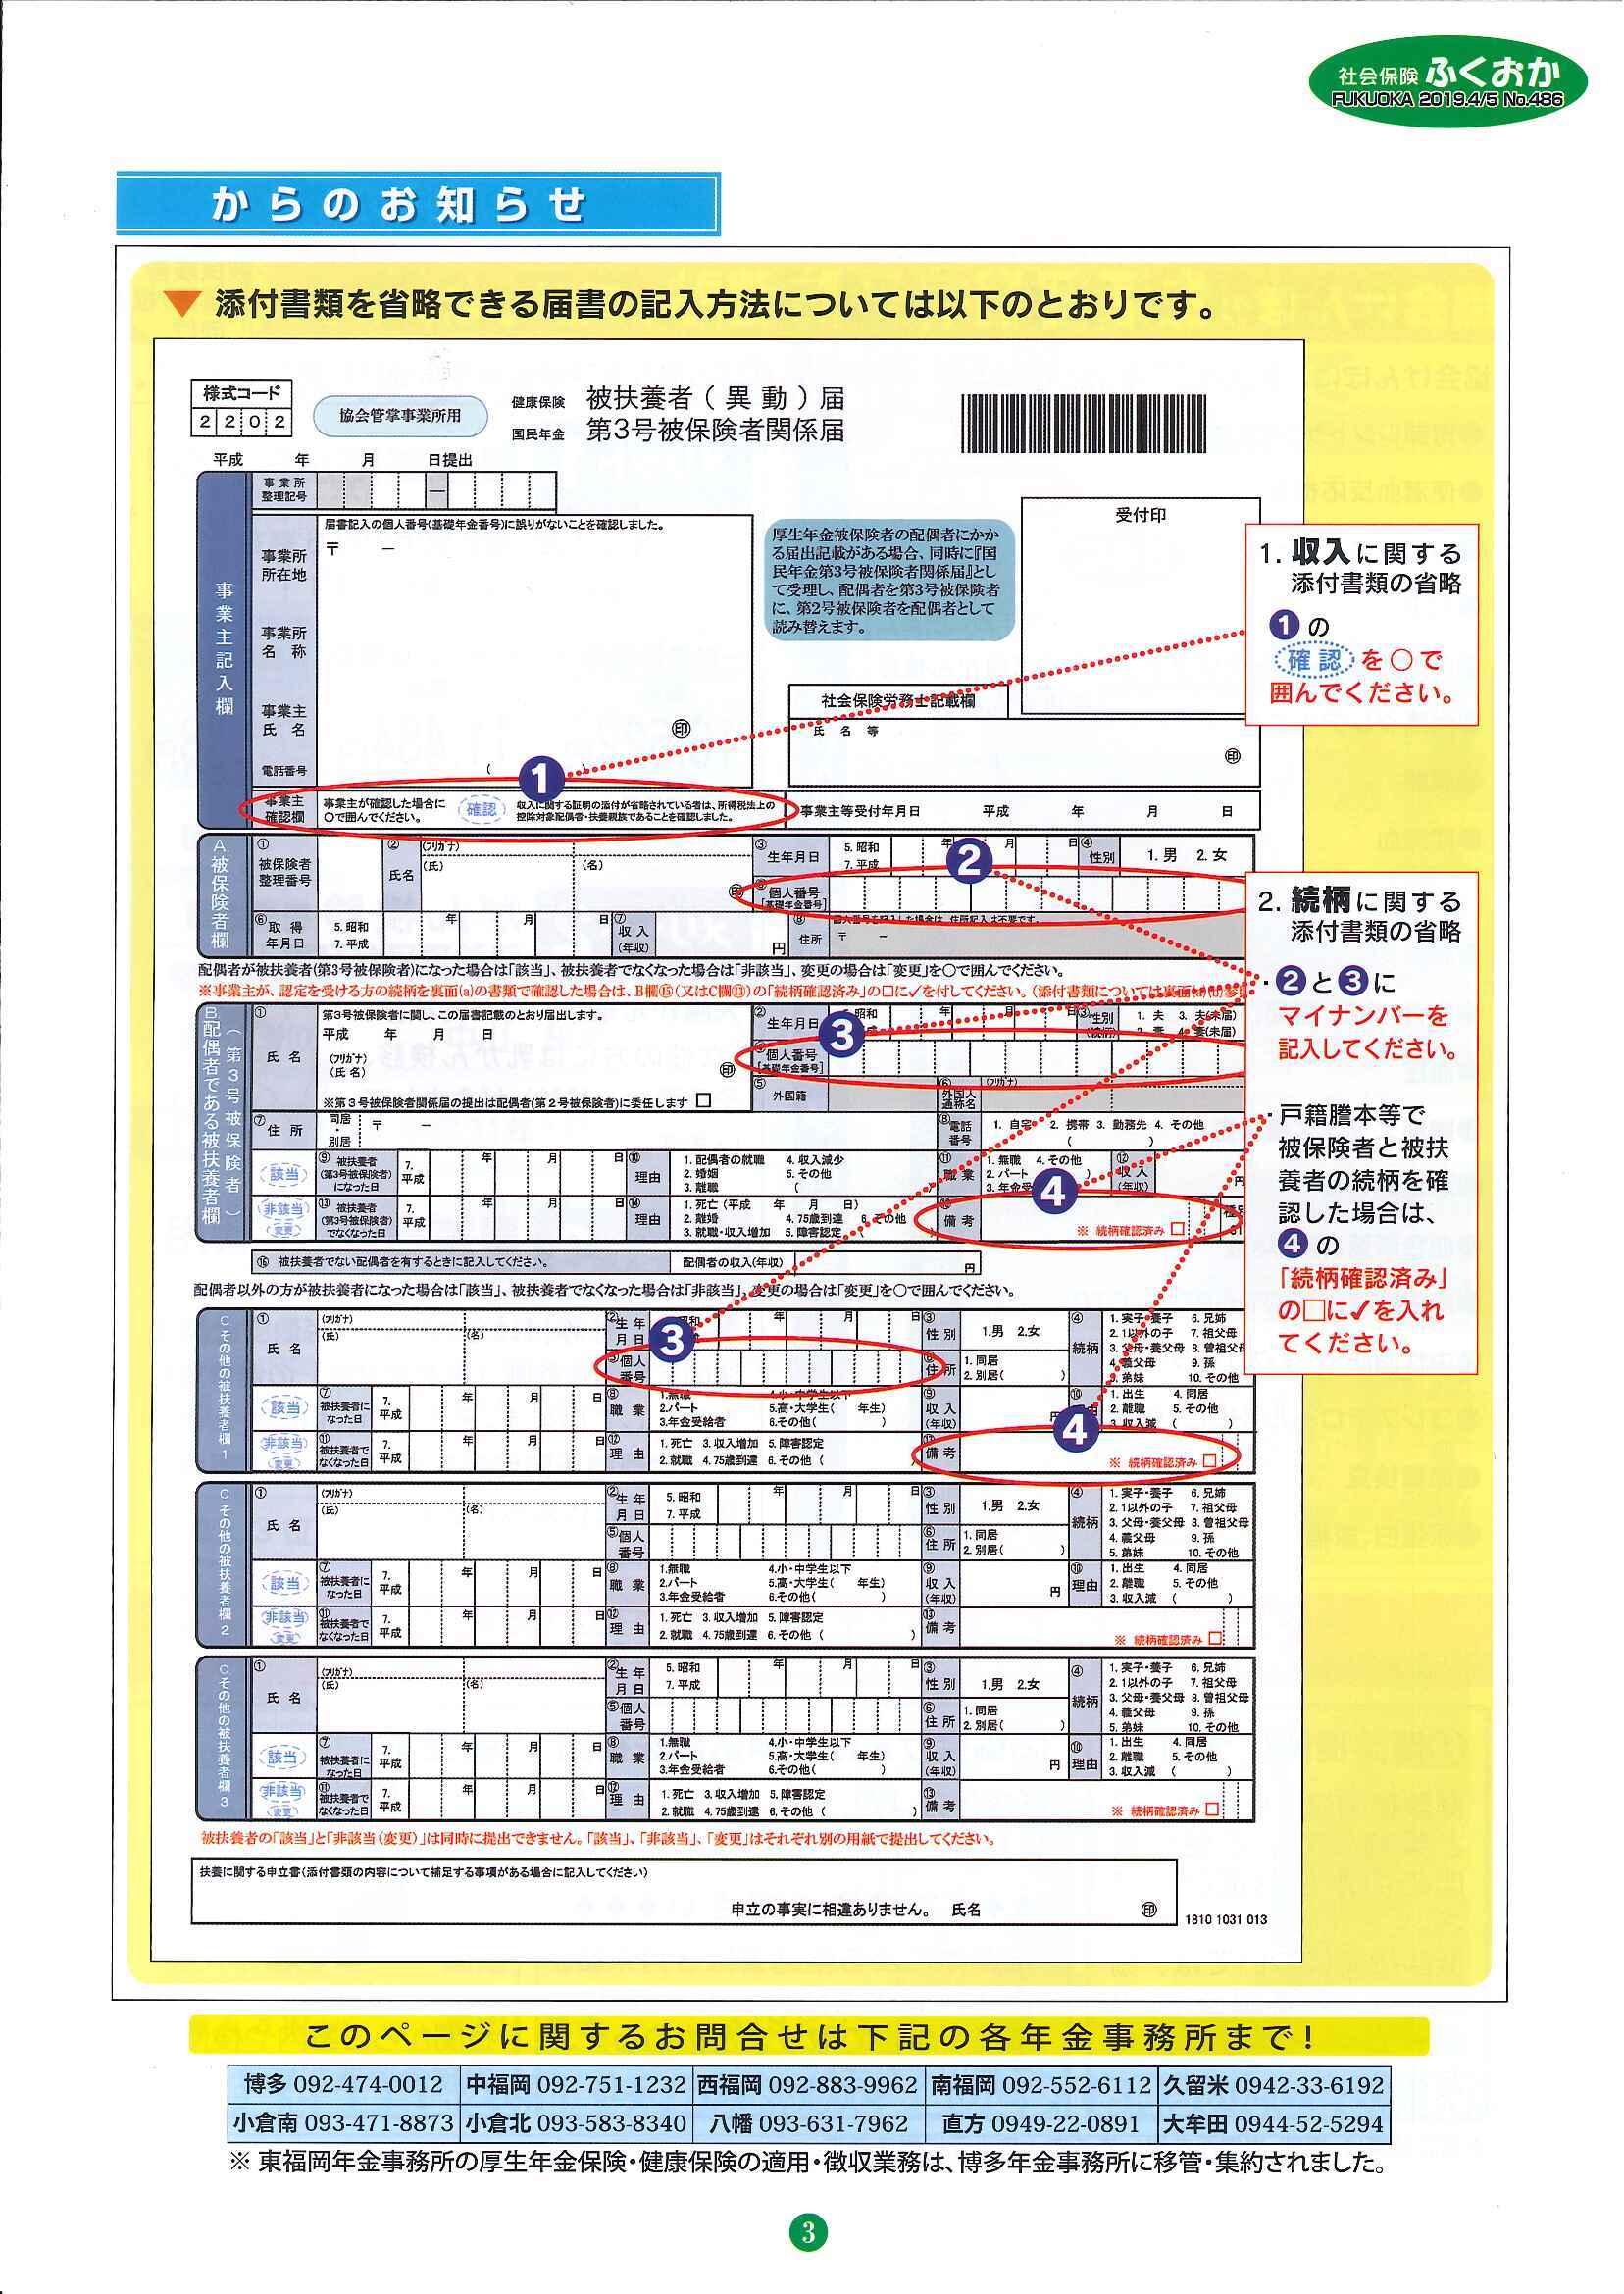 社会保険 ふくおか 2019年4・5月号_f0120774_15075755.jpg